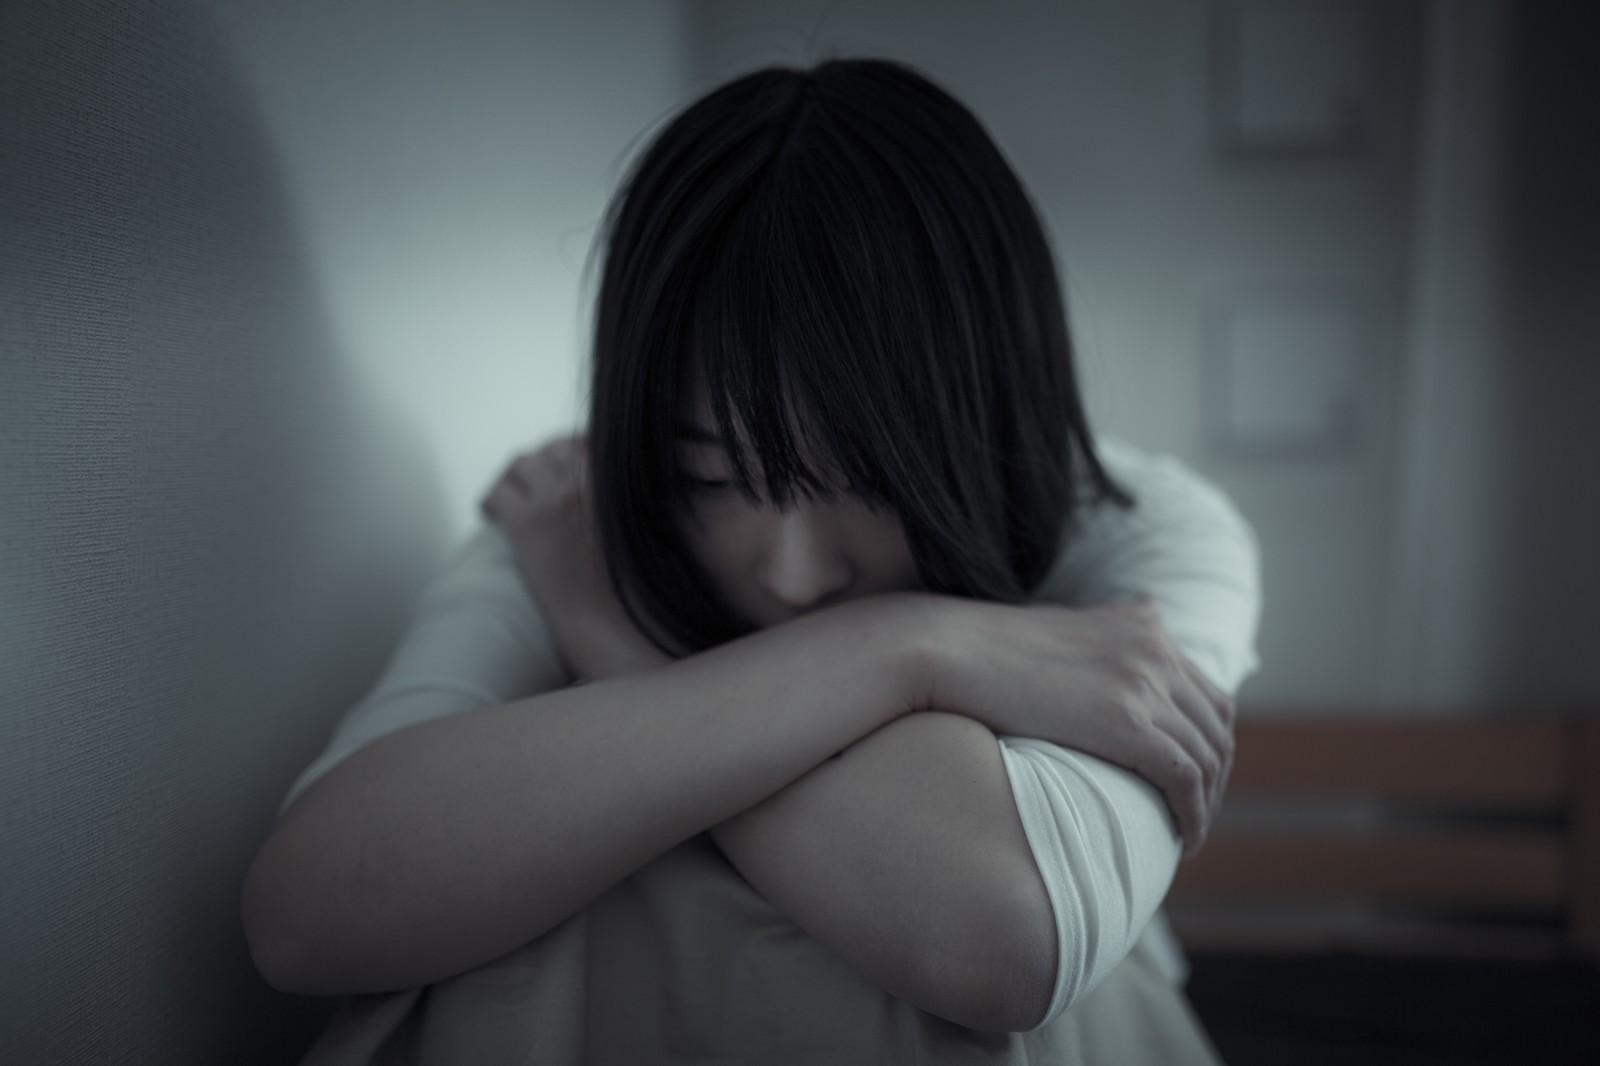 ▲失戀,孤單。(圖/翻攝PAKUTASO)